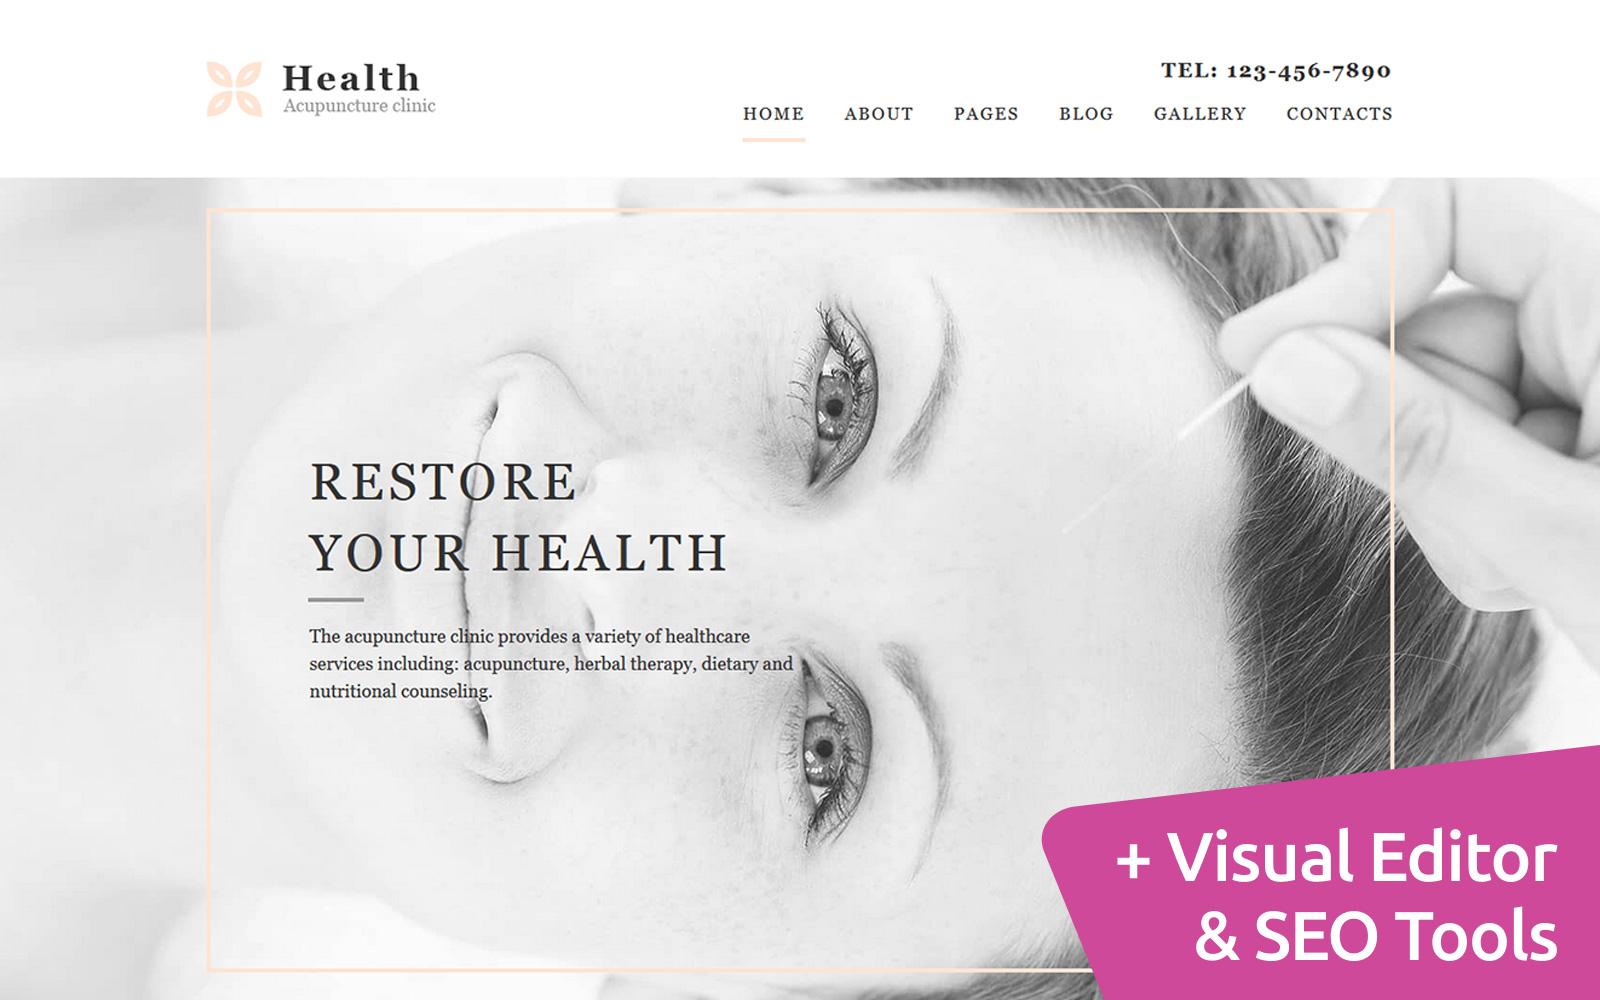 Reszponzív Health - Acupuncture Clinic Moto CMS 3 sablon 117728